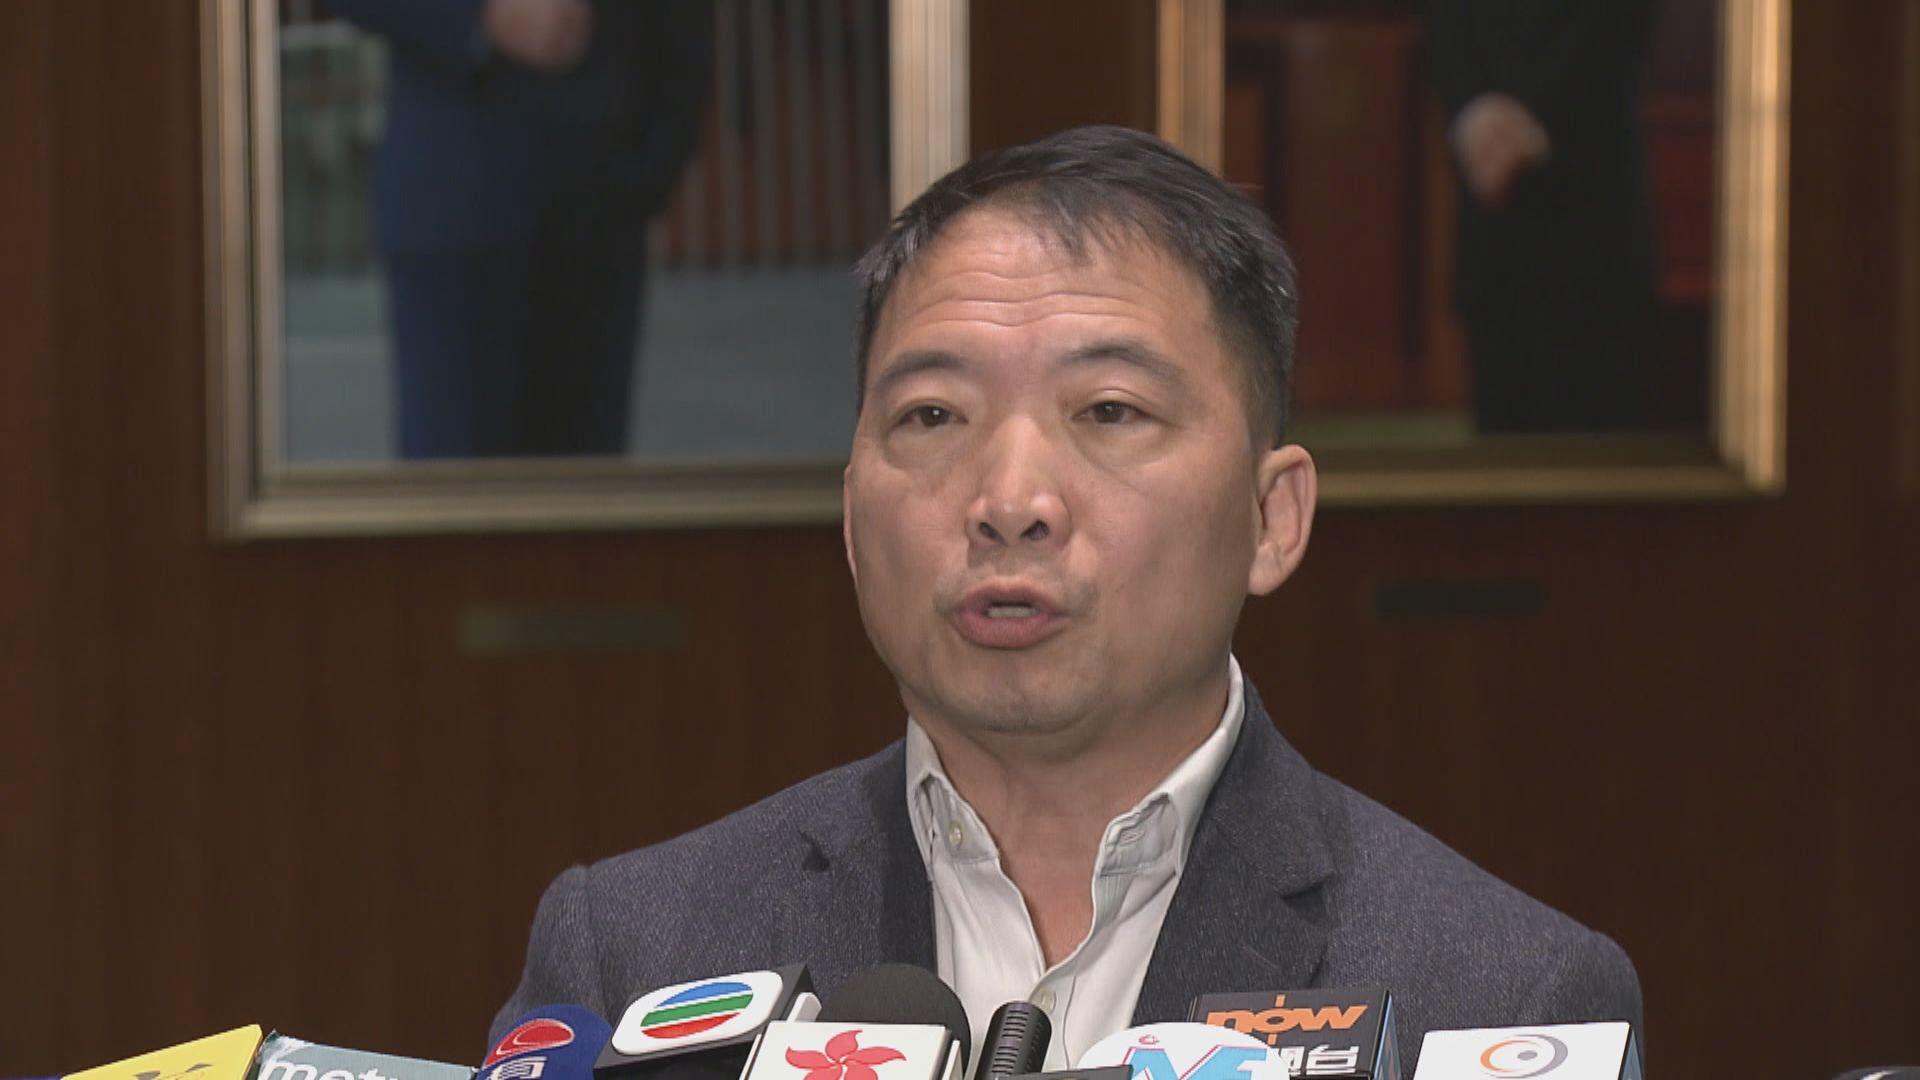 政黨批政府派四千元申請手續繁複擾民